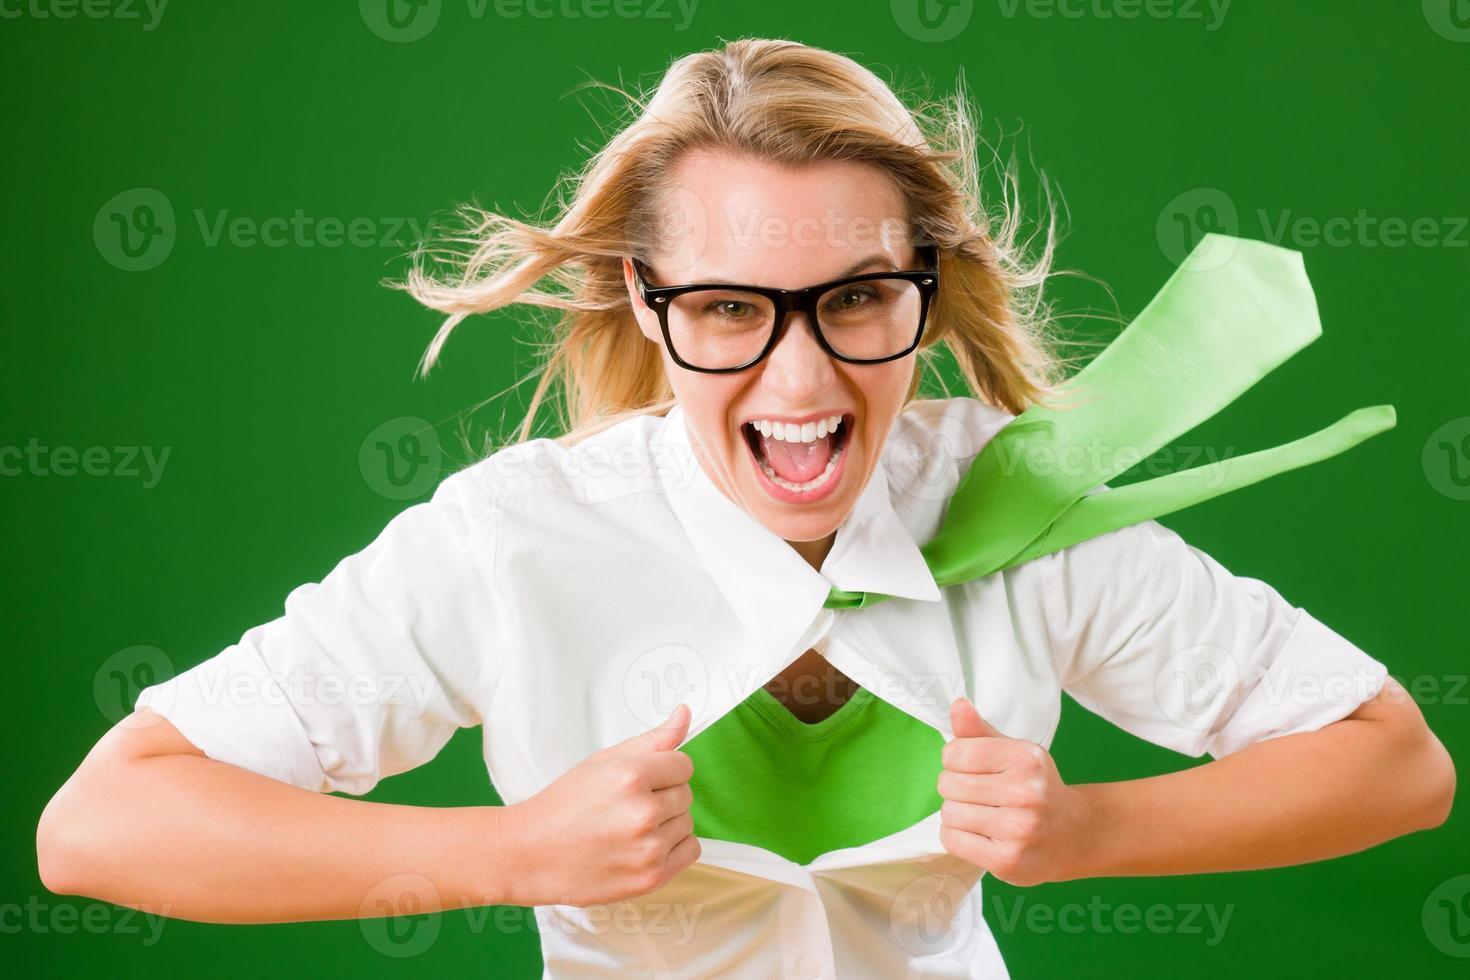 grüne weibliche Superheldin enthüllt Verkleidung foto